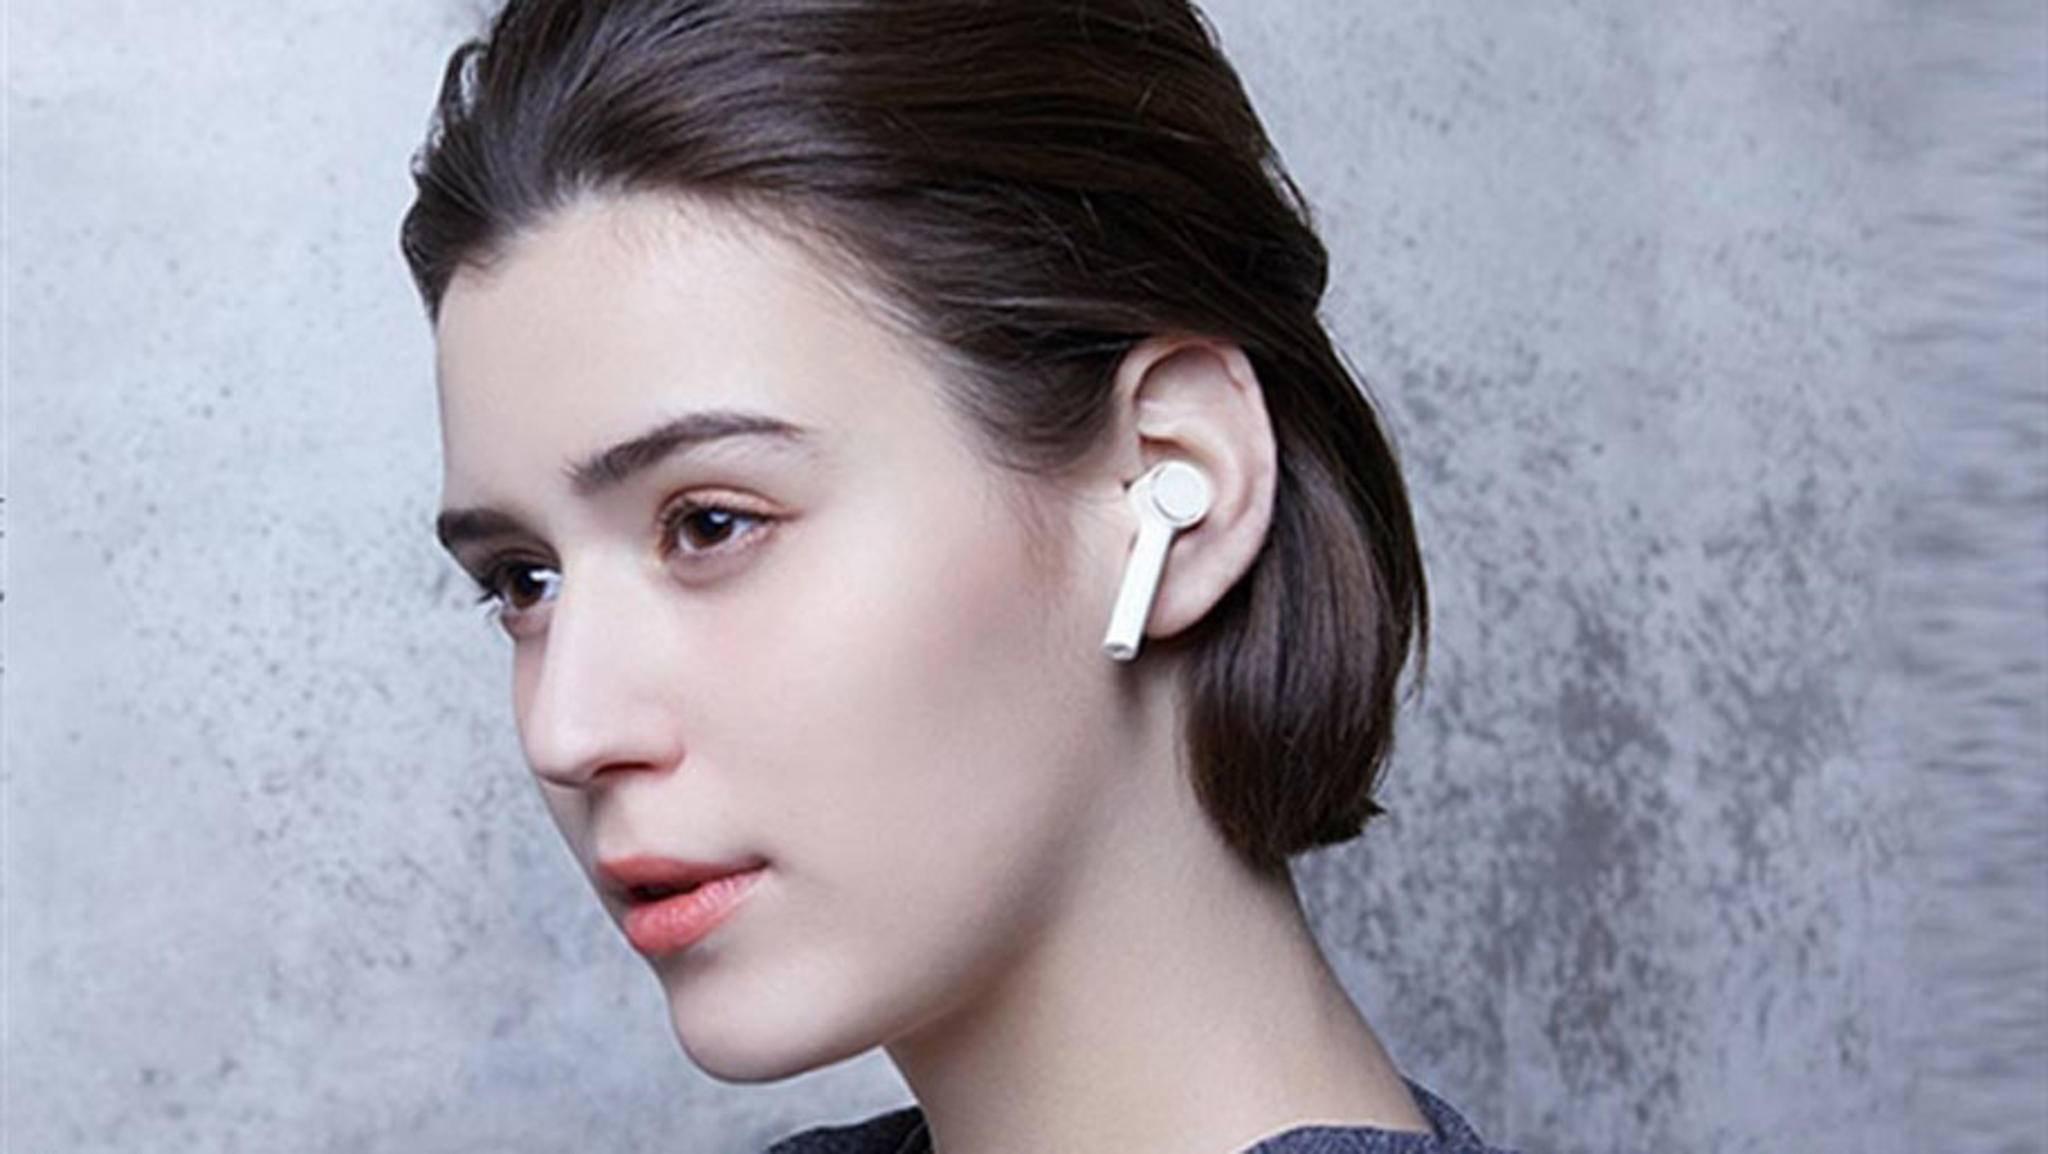 Xiaomi hat jetzt auch AirPods-ähnliche Kopfhörer im Angebot,